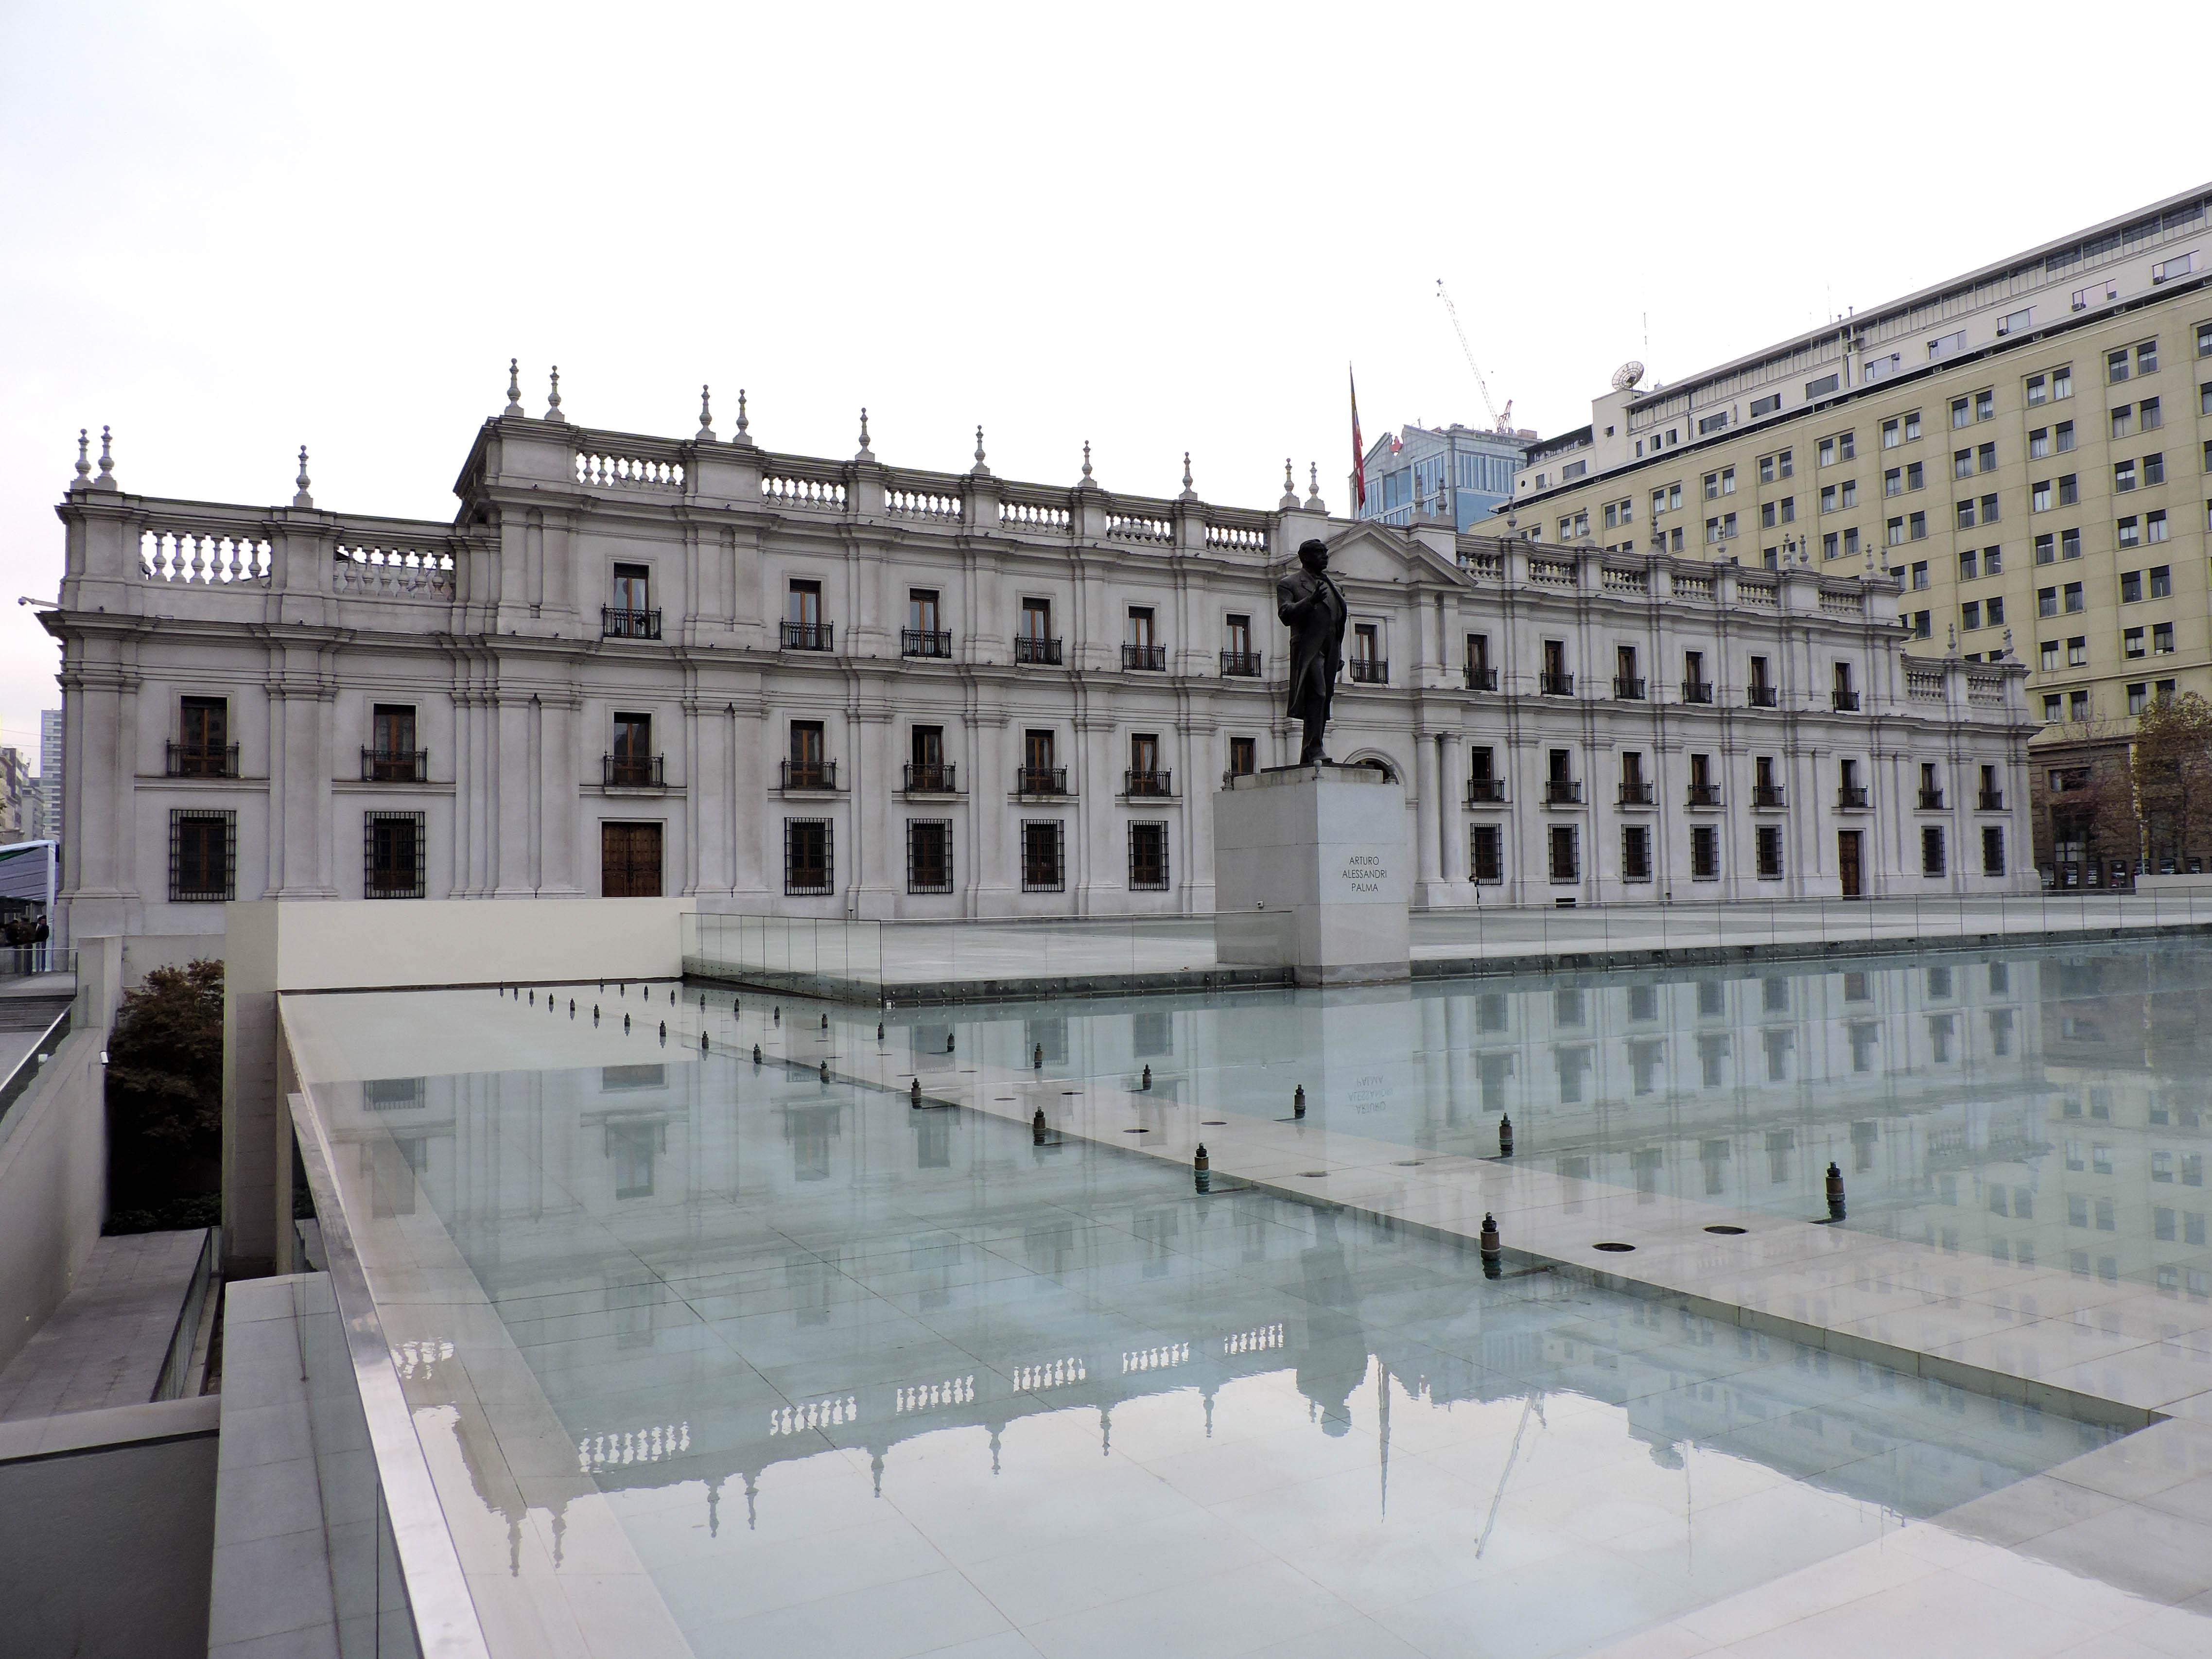 La Moneda government palace in Santiago Chile